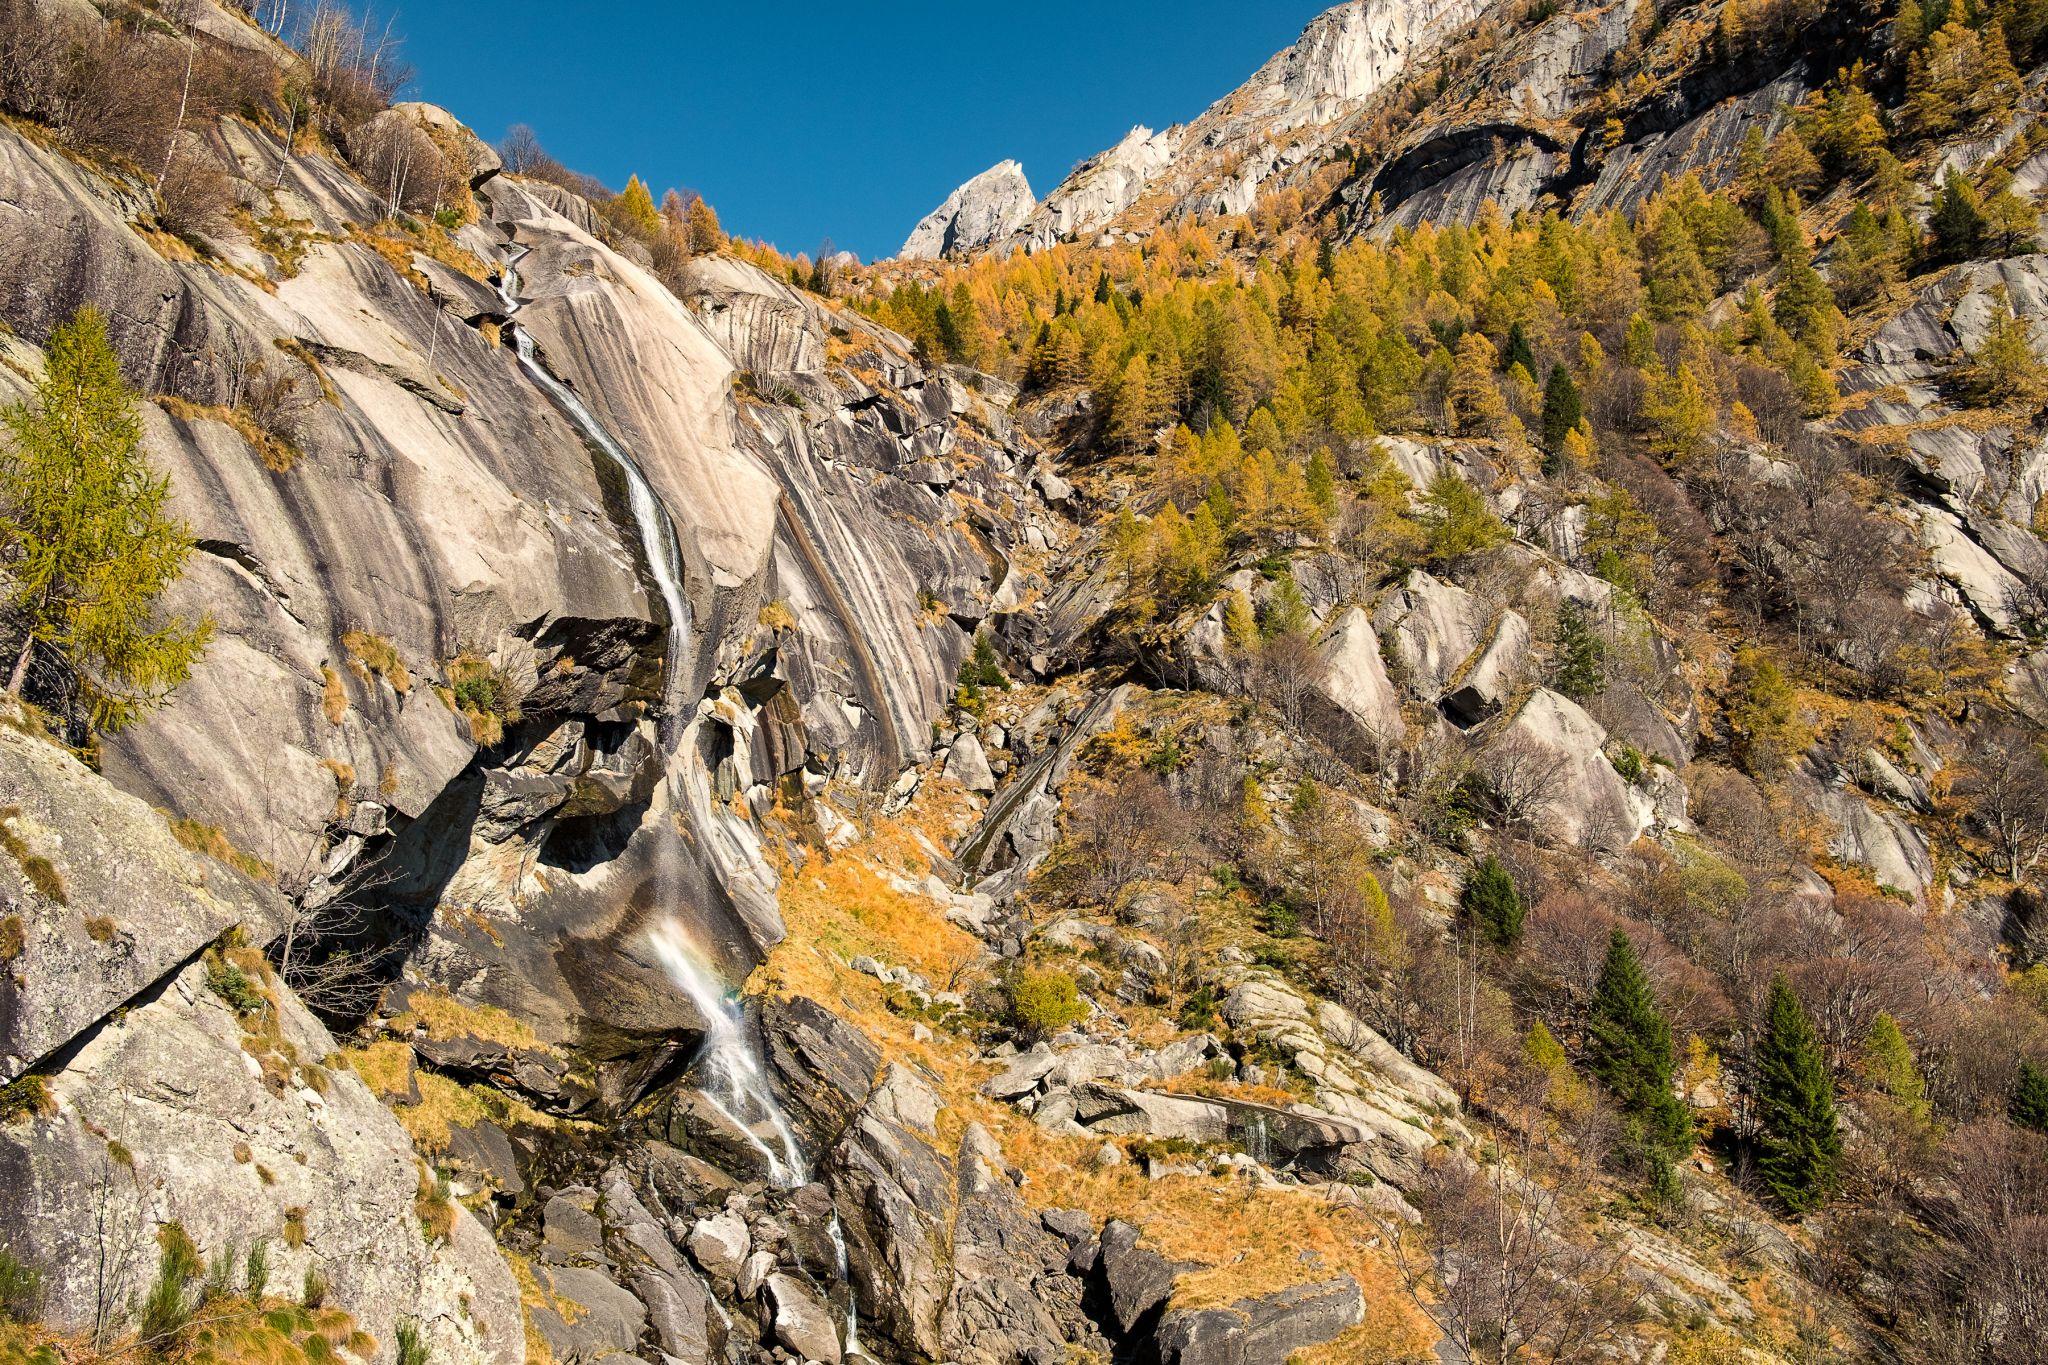 Cascata del Ferro, Italy